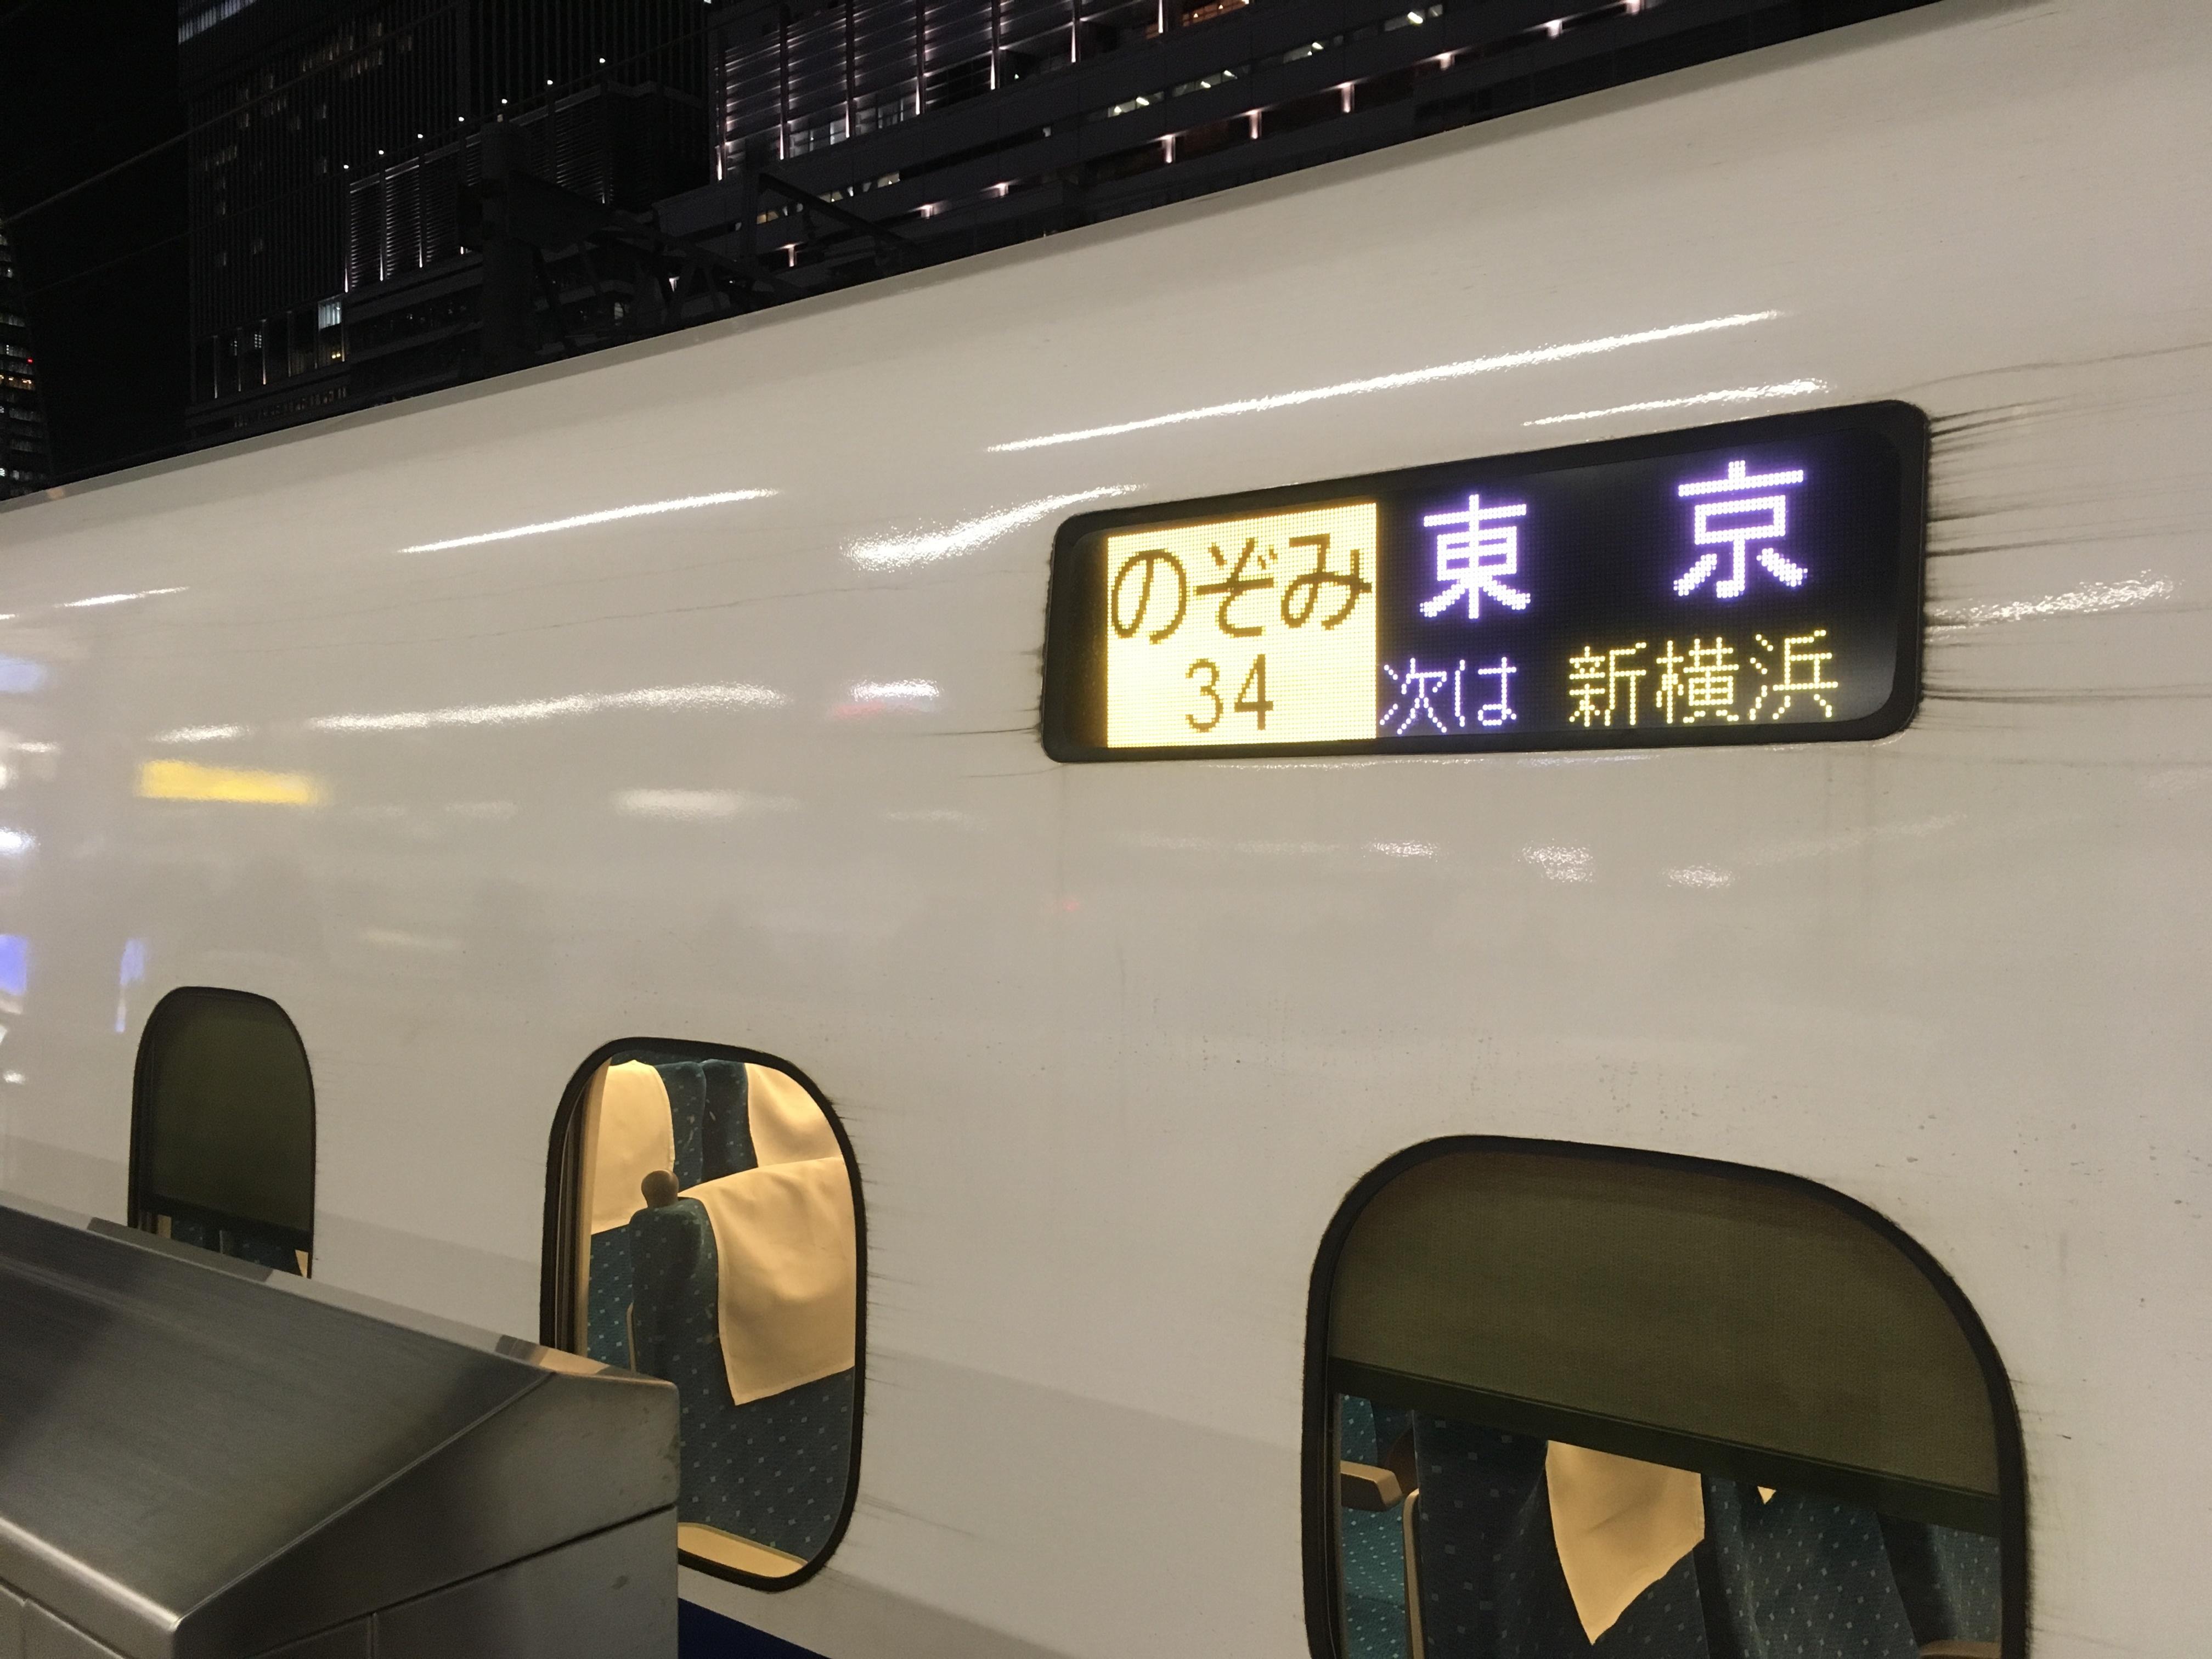 20180228のぞみ名古屋で運休